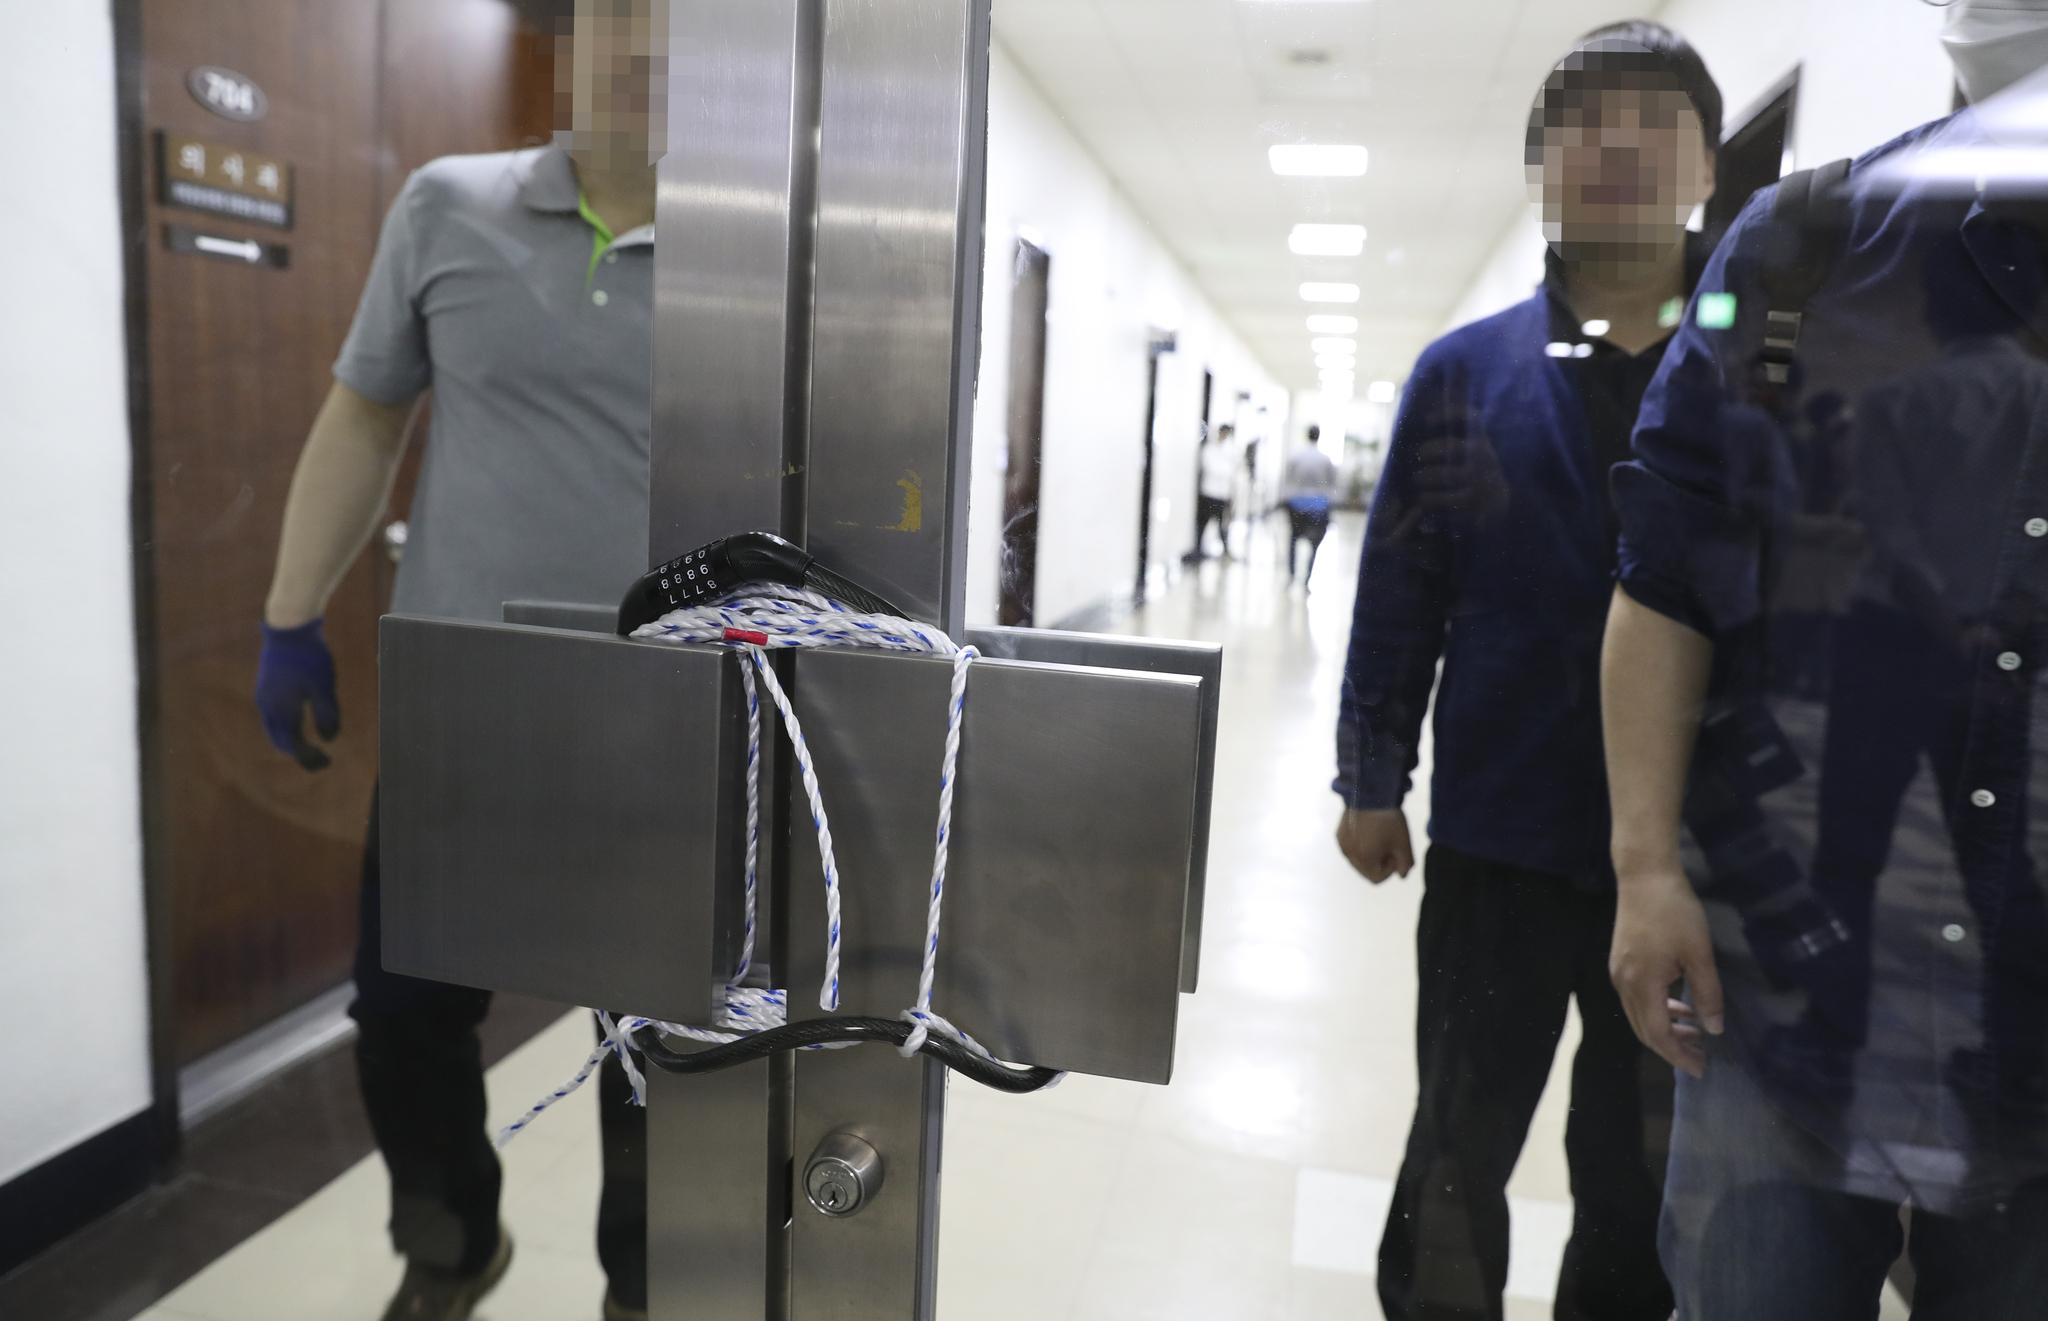 자유한국당은 26일 오후 국회 의안과로 통하는 복도의 문을 자물쇠와 줄로 출입문을 봉했다. 임현동 기자